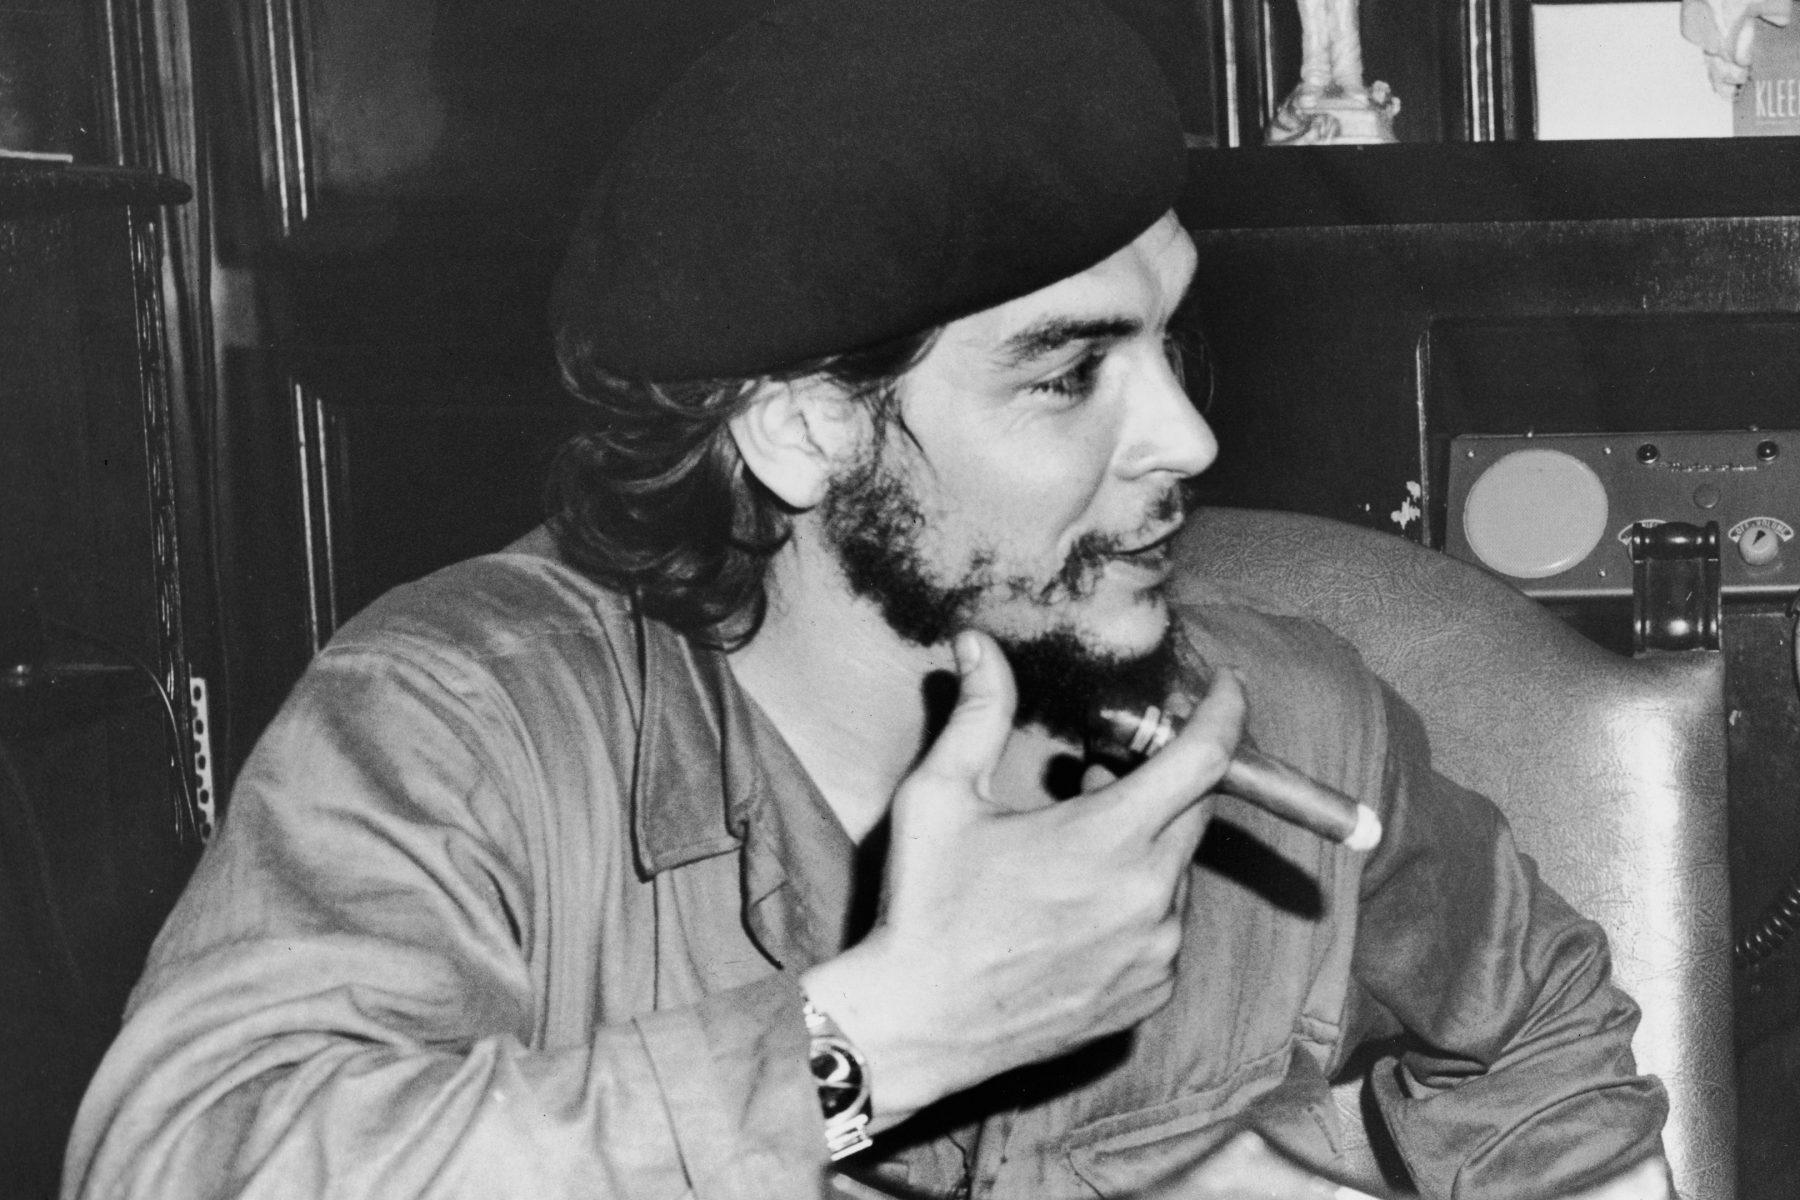 Sự nghiệp huyền thoại của nhà cách mạng Che Guevara